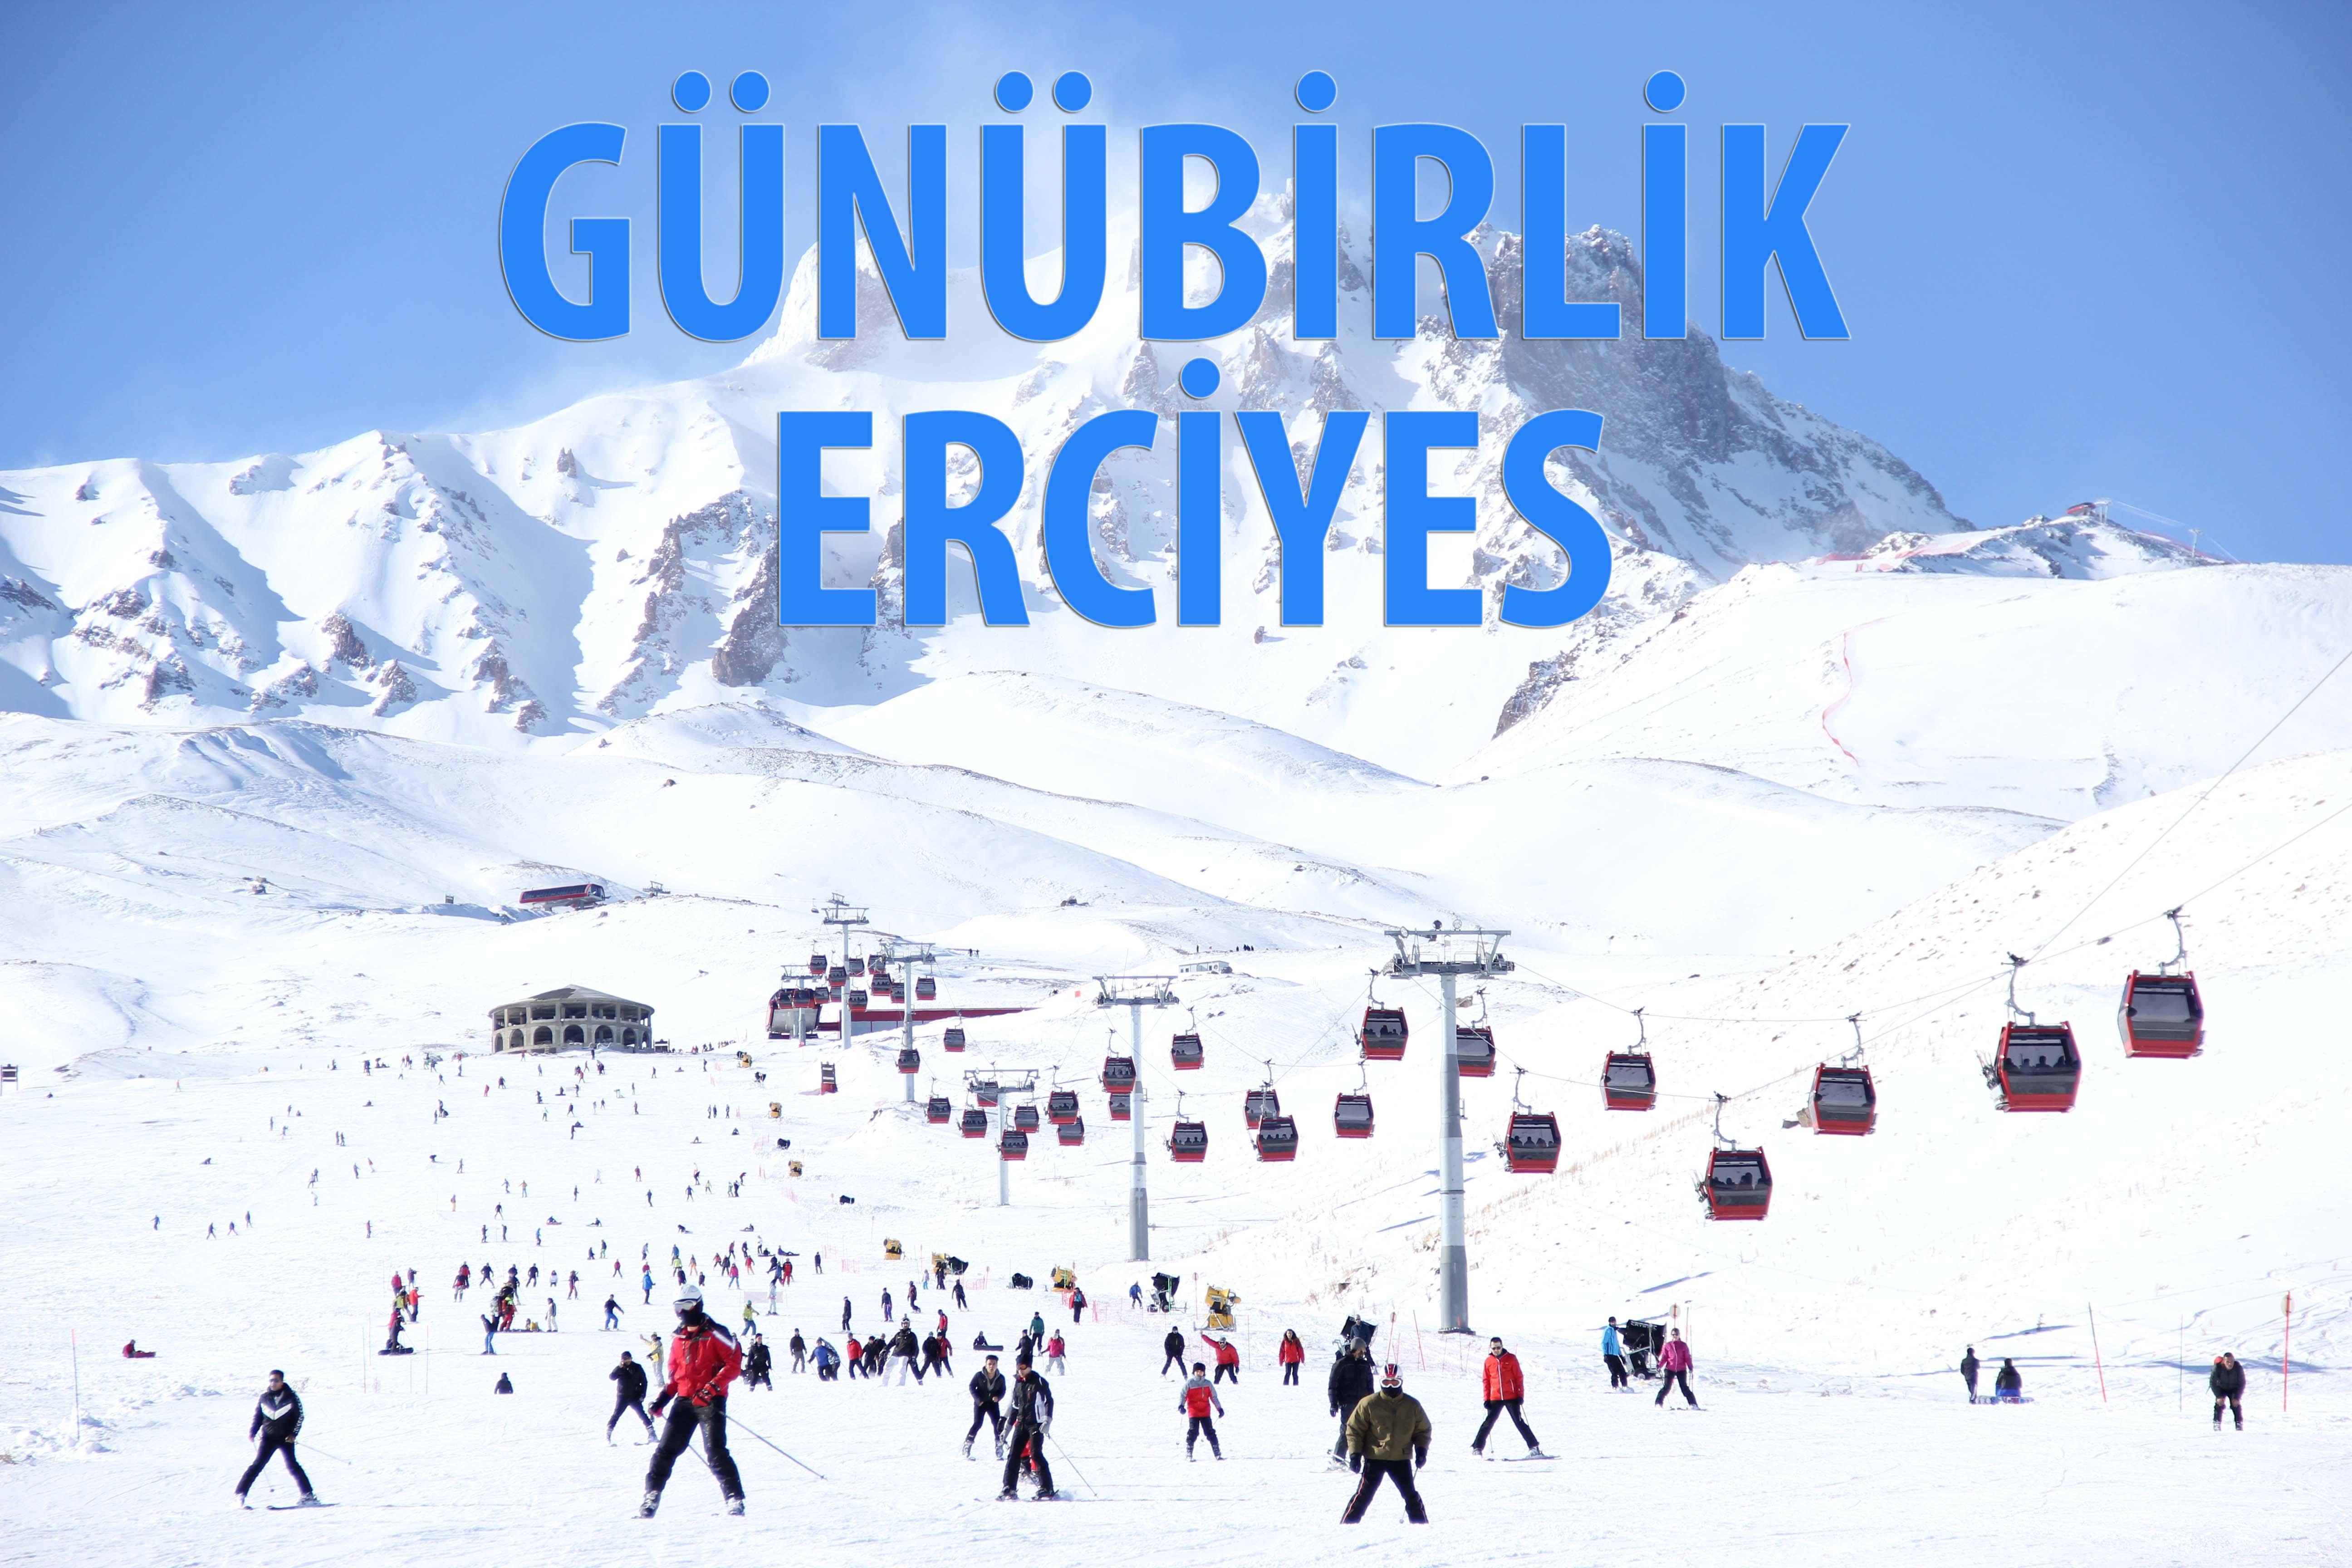 Günübirlik Erciyes Turları